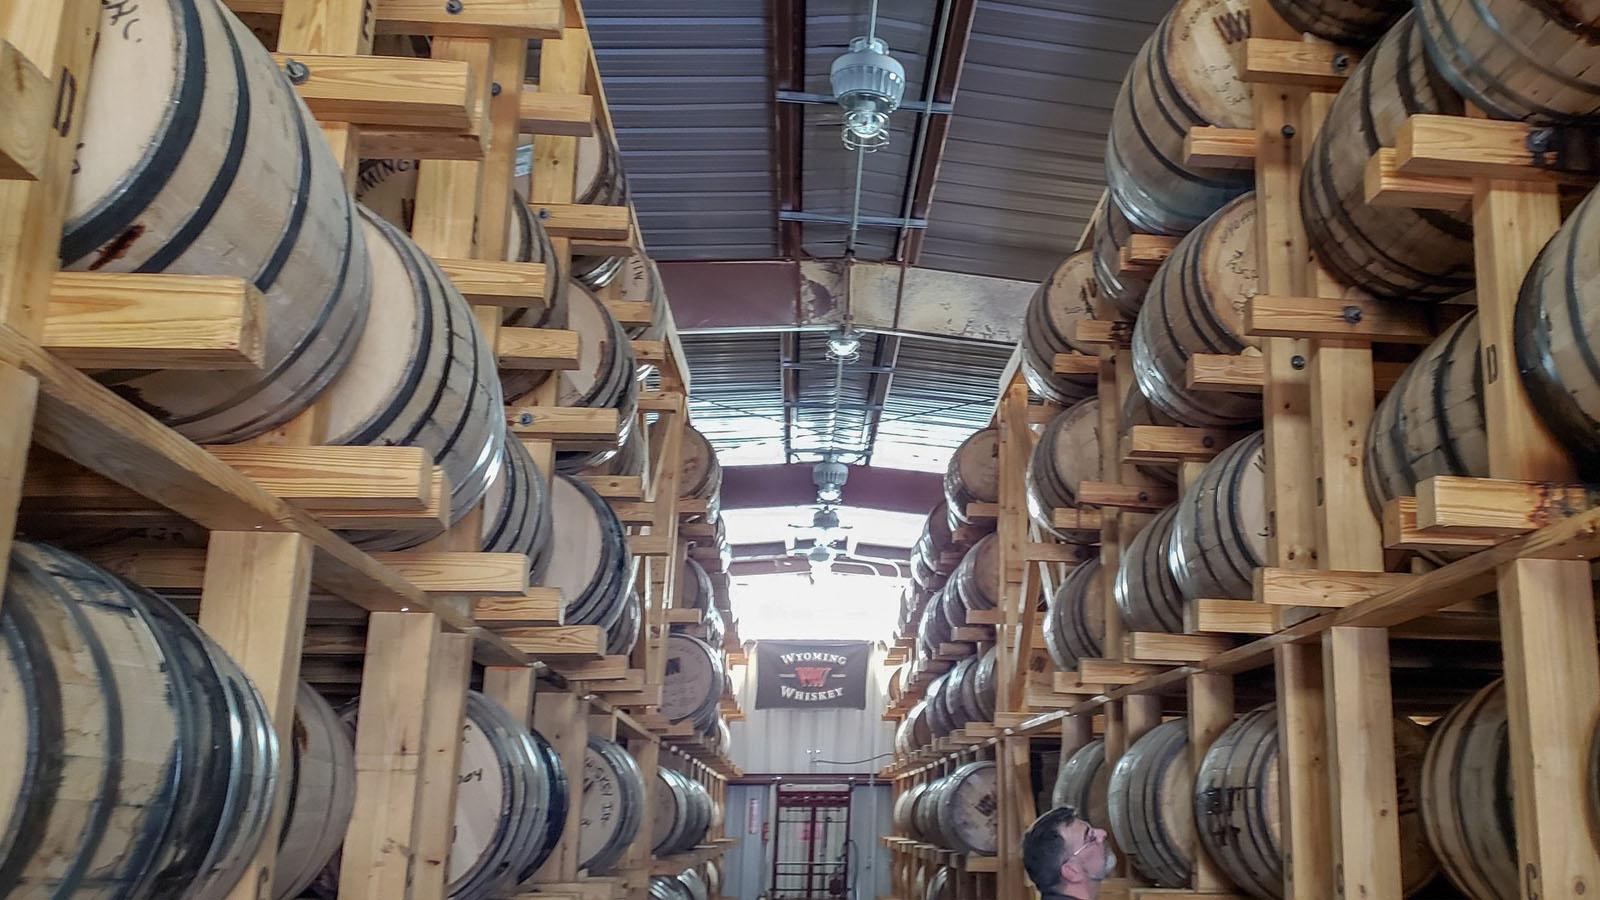 Whiskey barrels on shelves